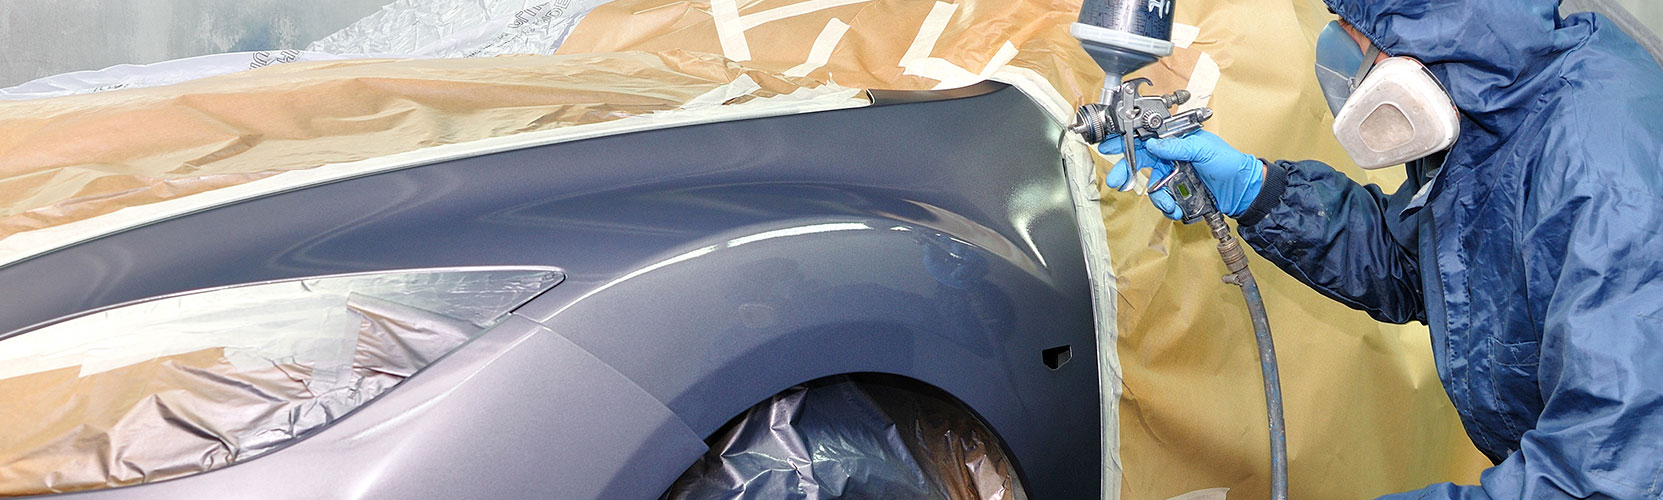 Reparación de vehículos en Vitoria